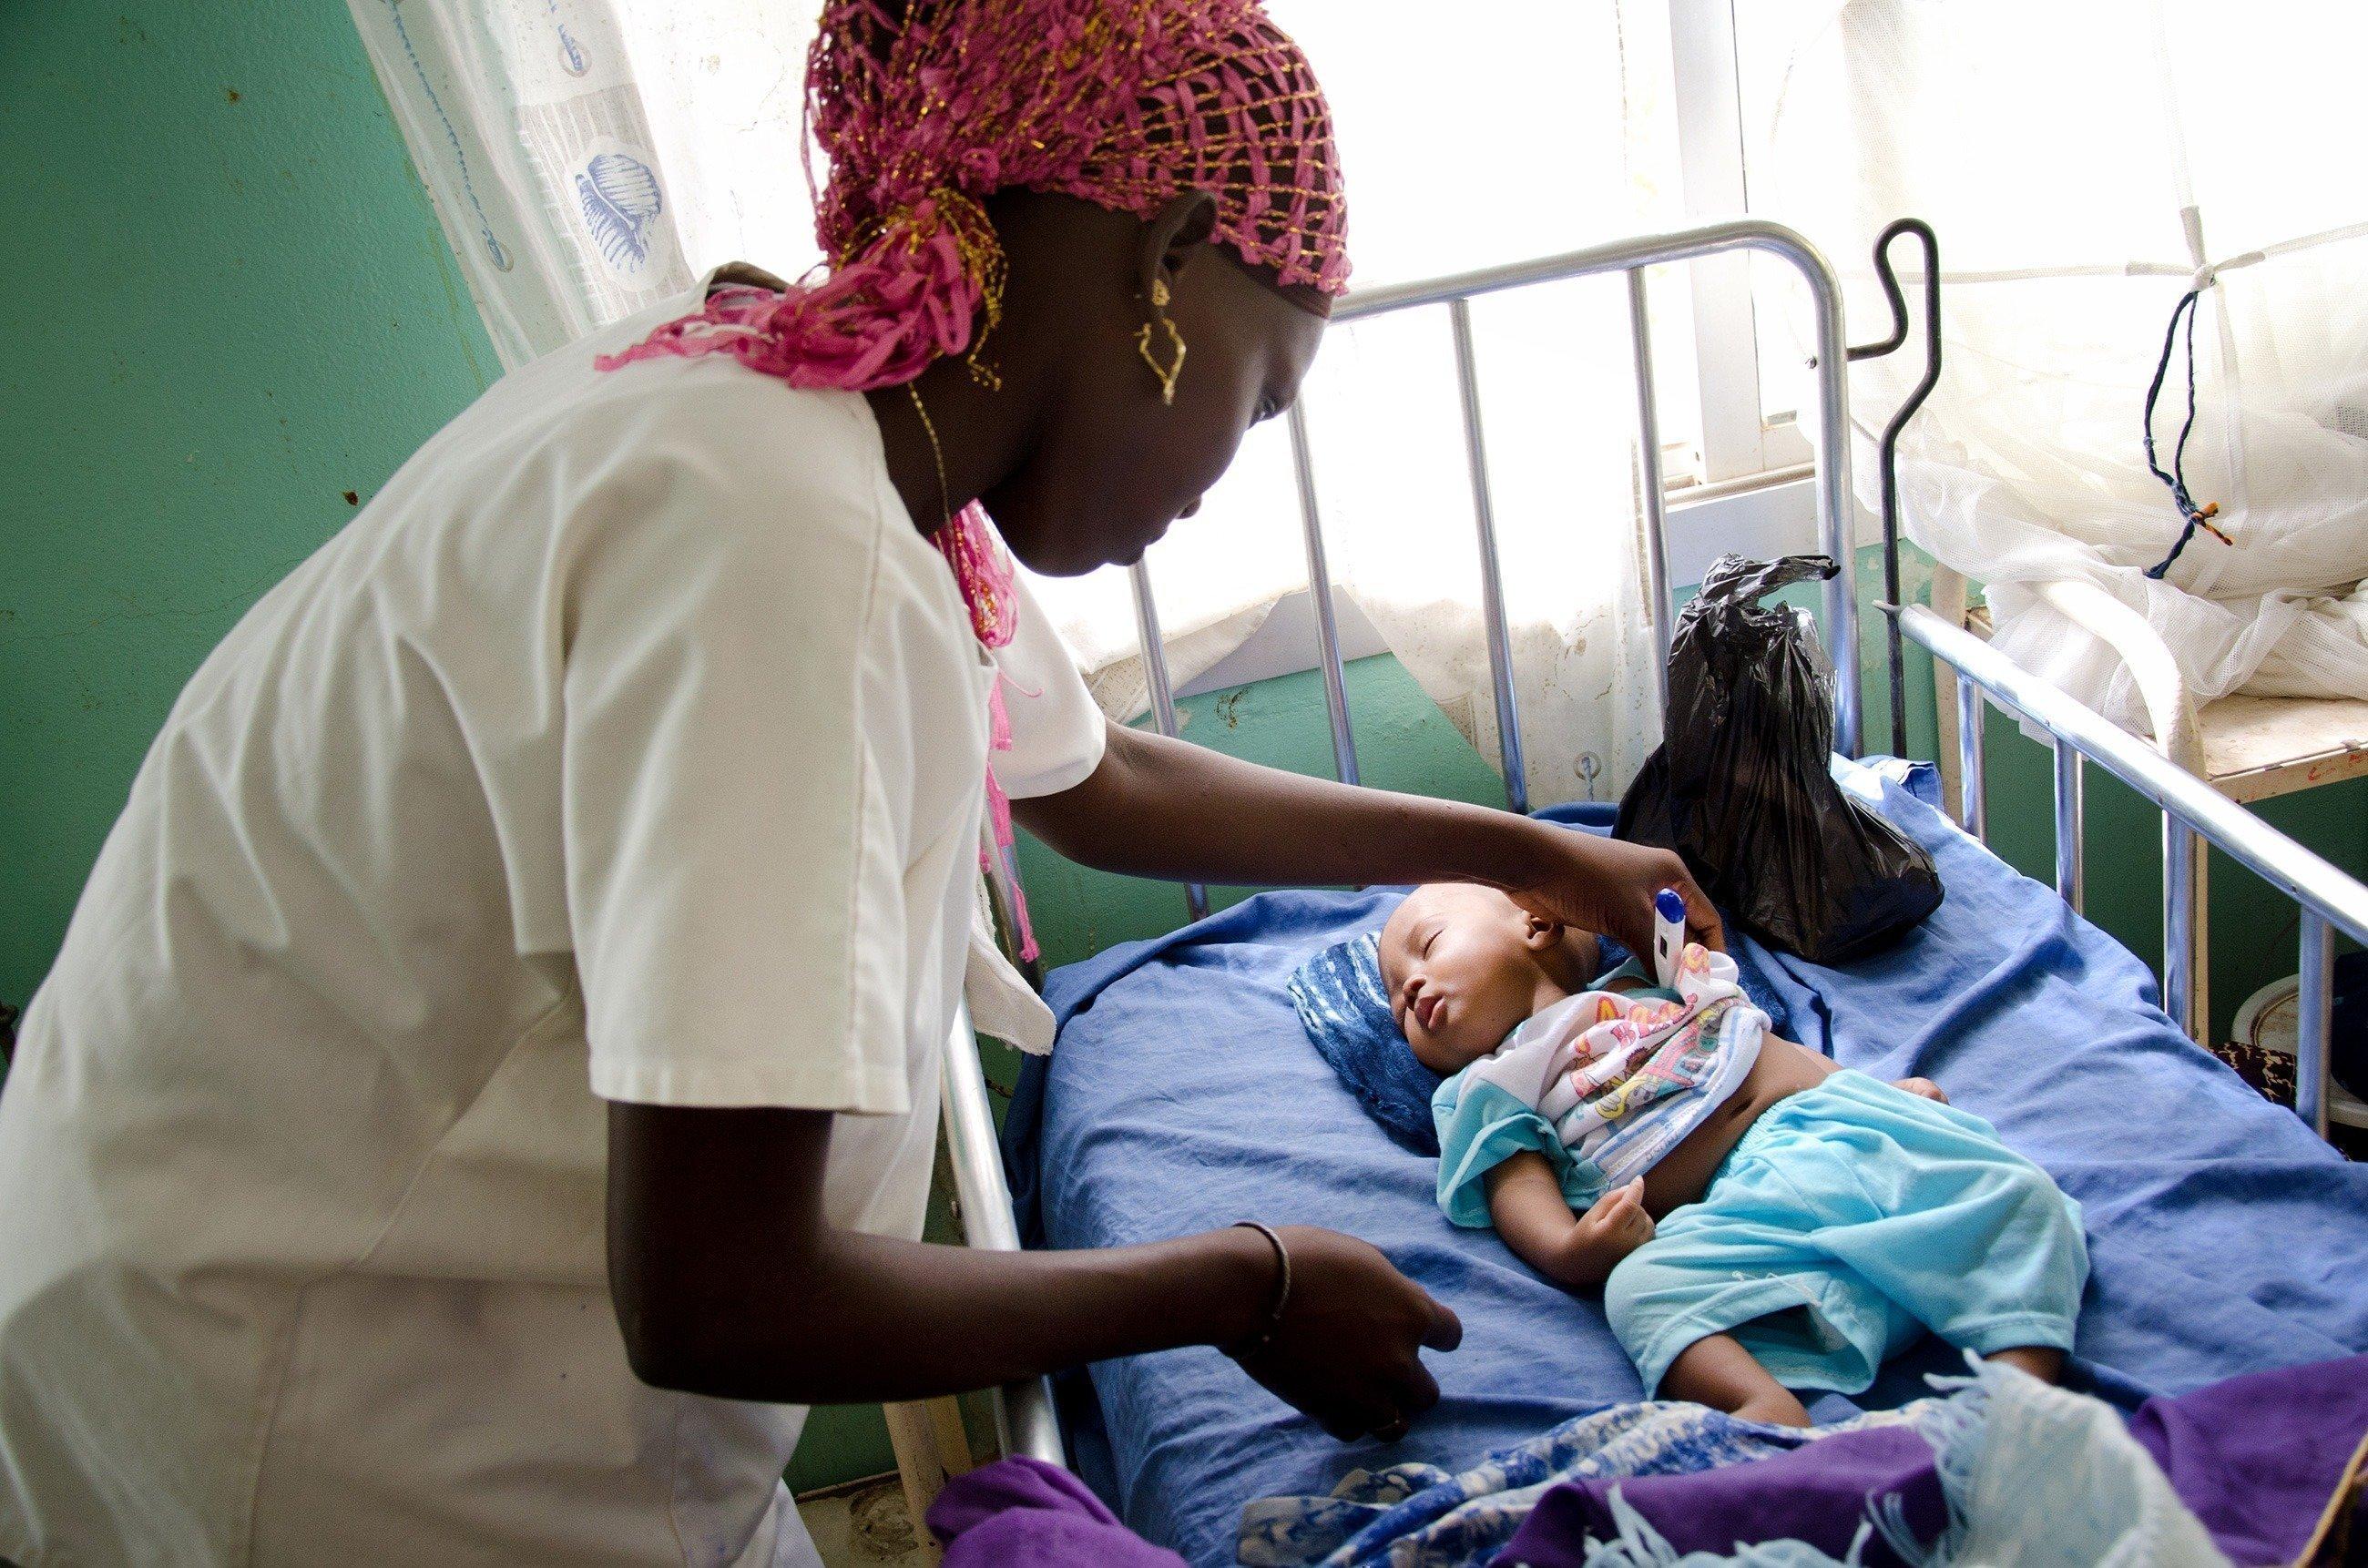 Neonato affidato alle cure di una dottoressa in una clinica.